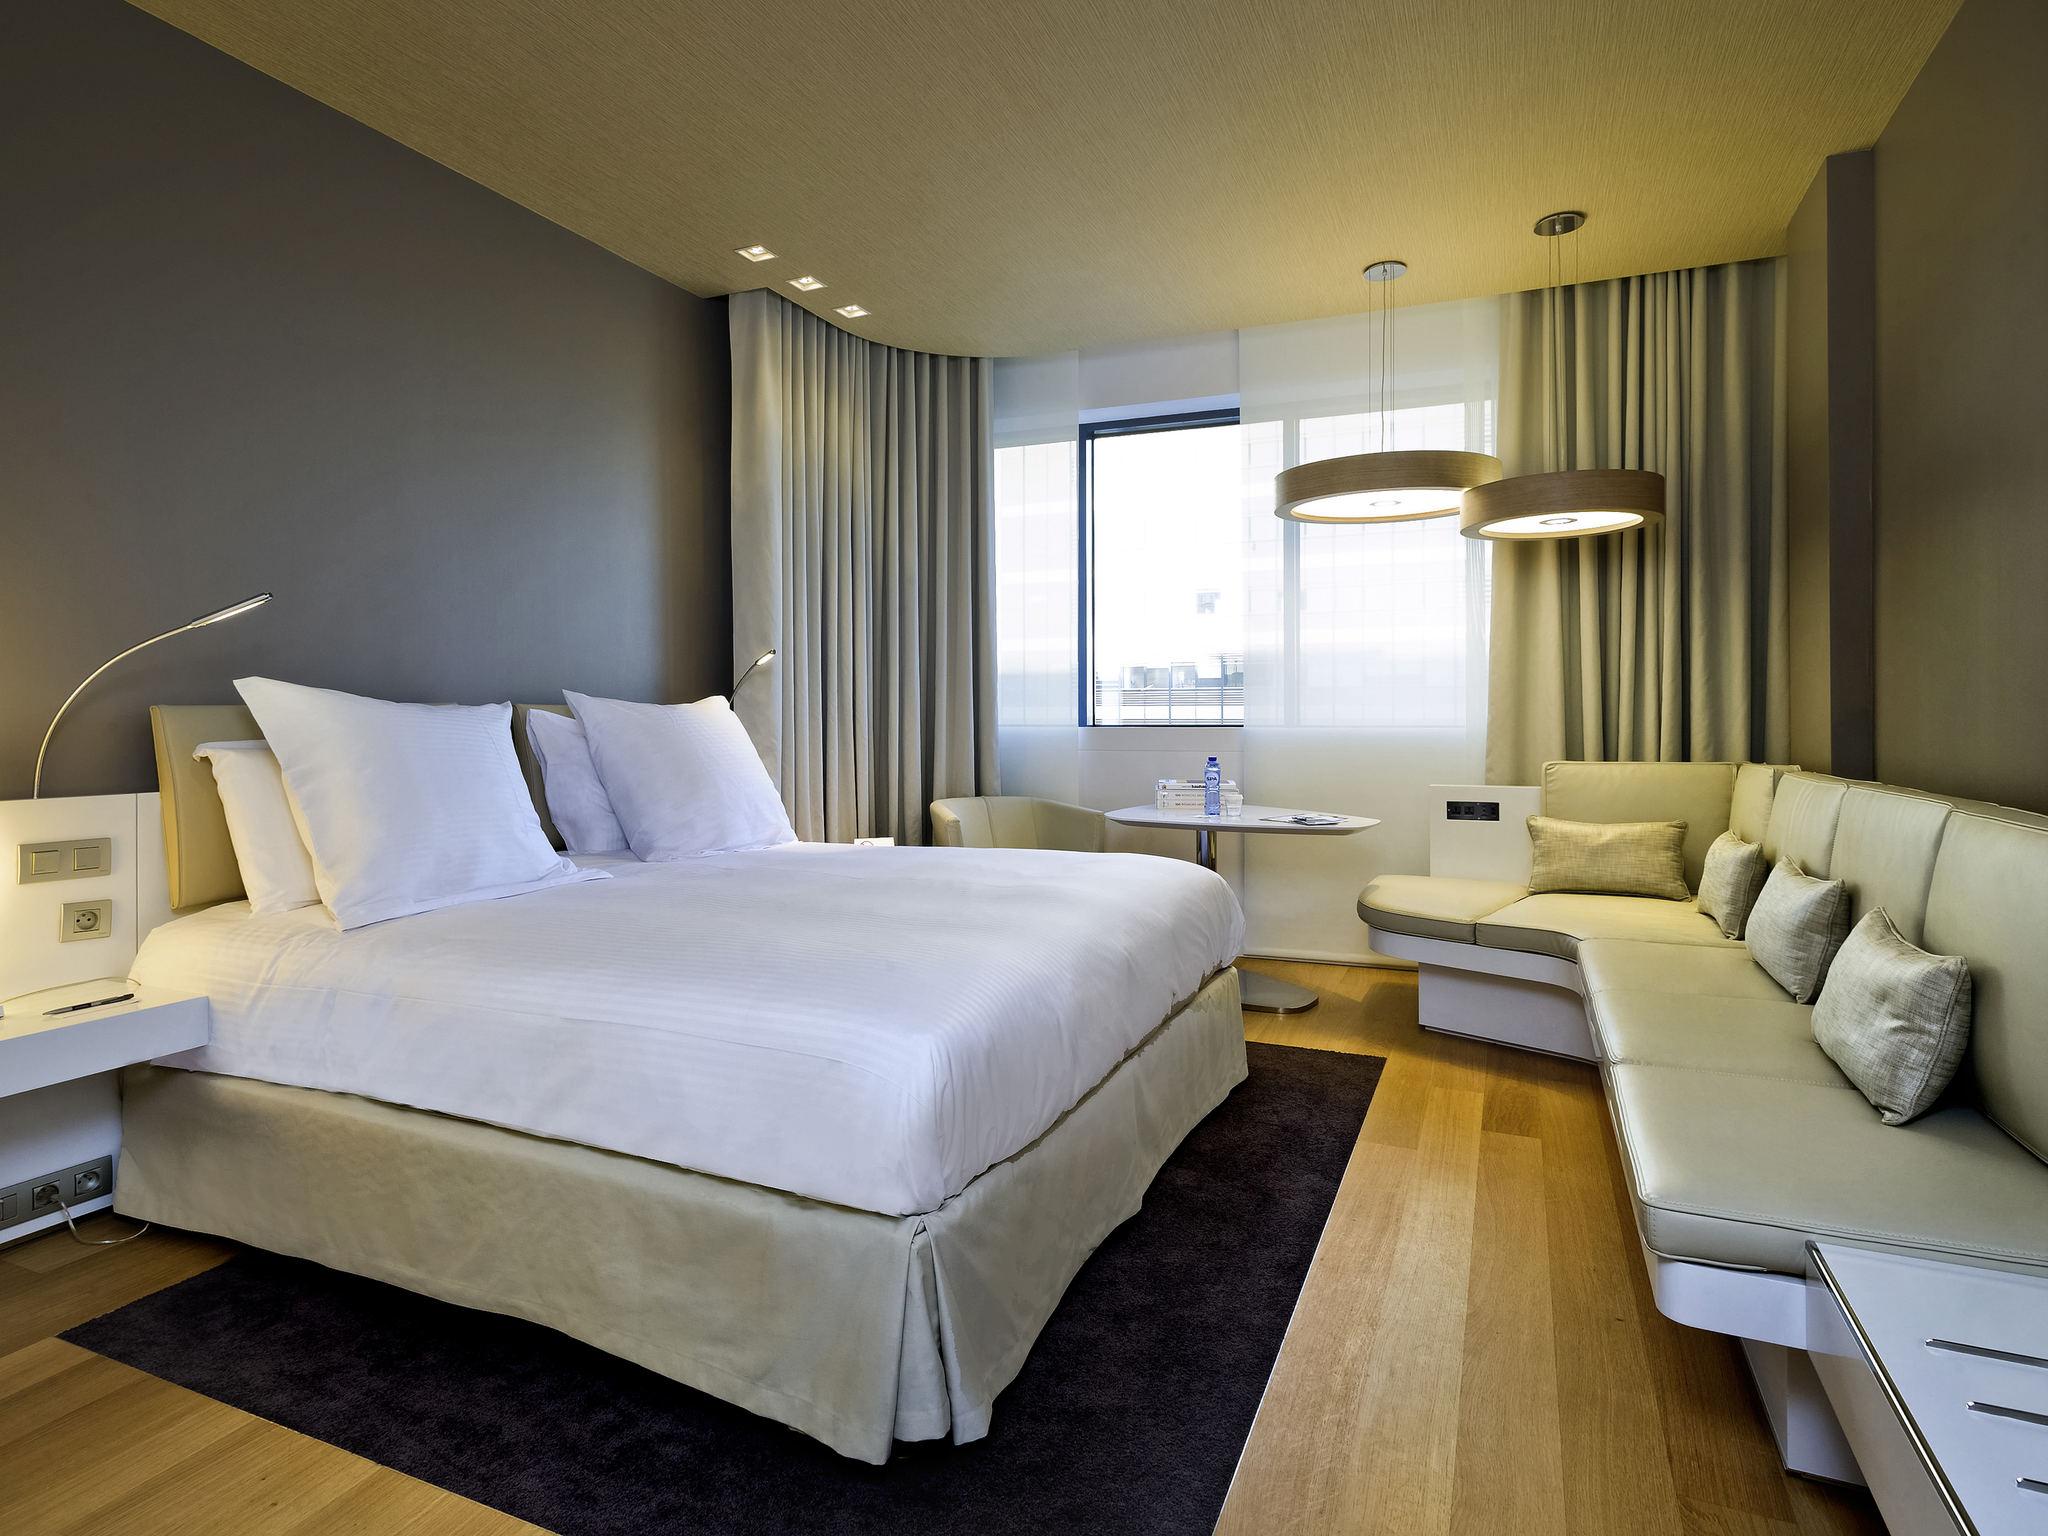 โรงแรม – พูลแมน บรัสเซลส์ เซ็นเตอร์ มีดี